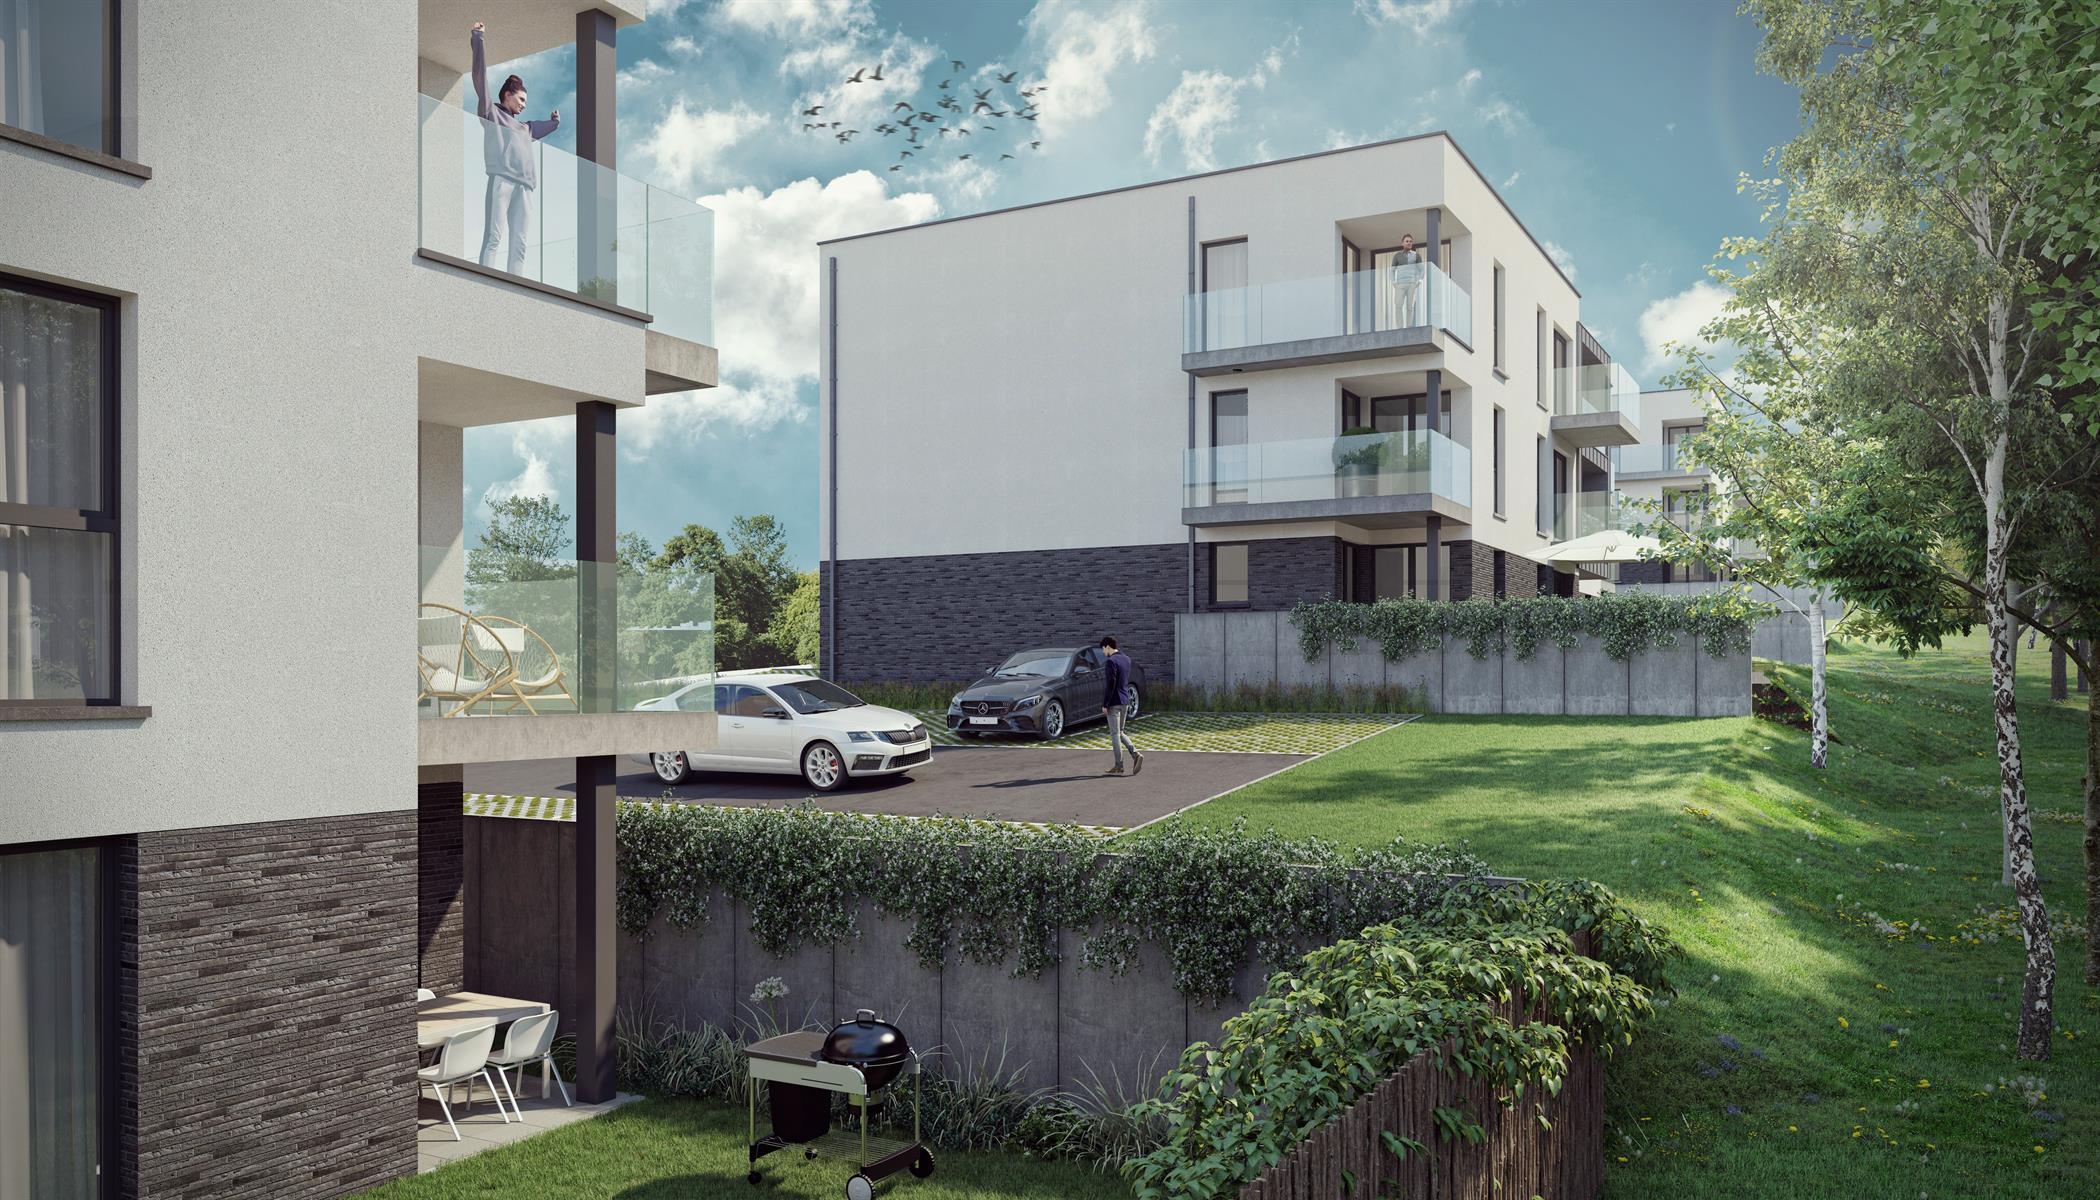 Rez-de-ch. avec jardin - Flemalle - #4197026-35